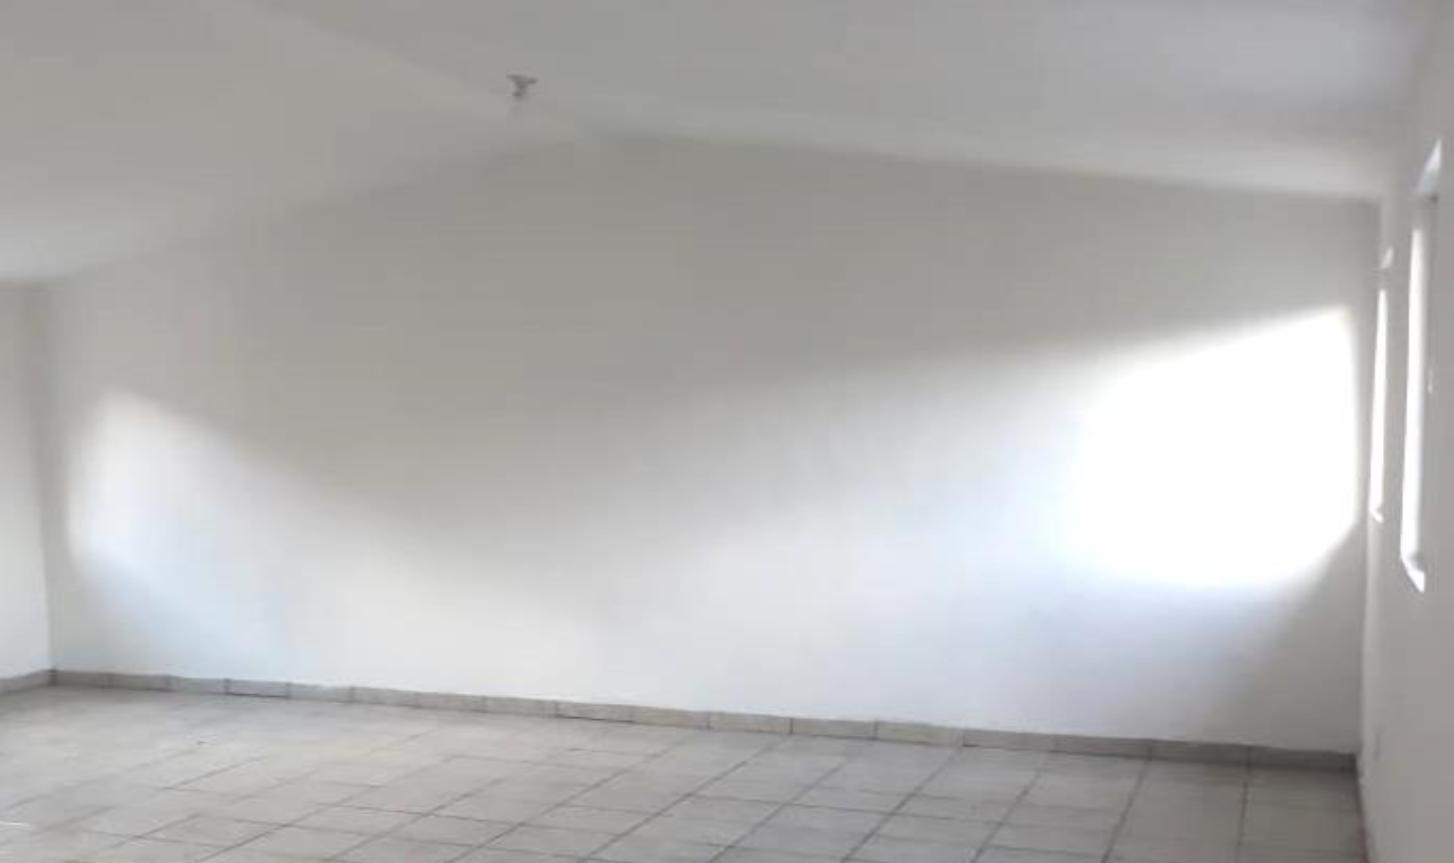 Captura de Pantalla 2020-08-06 a la(s) 11.20.50